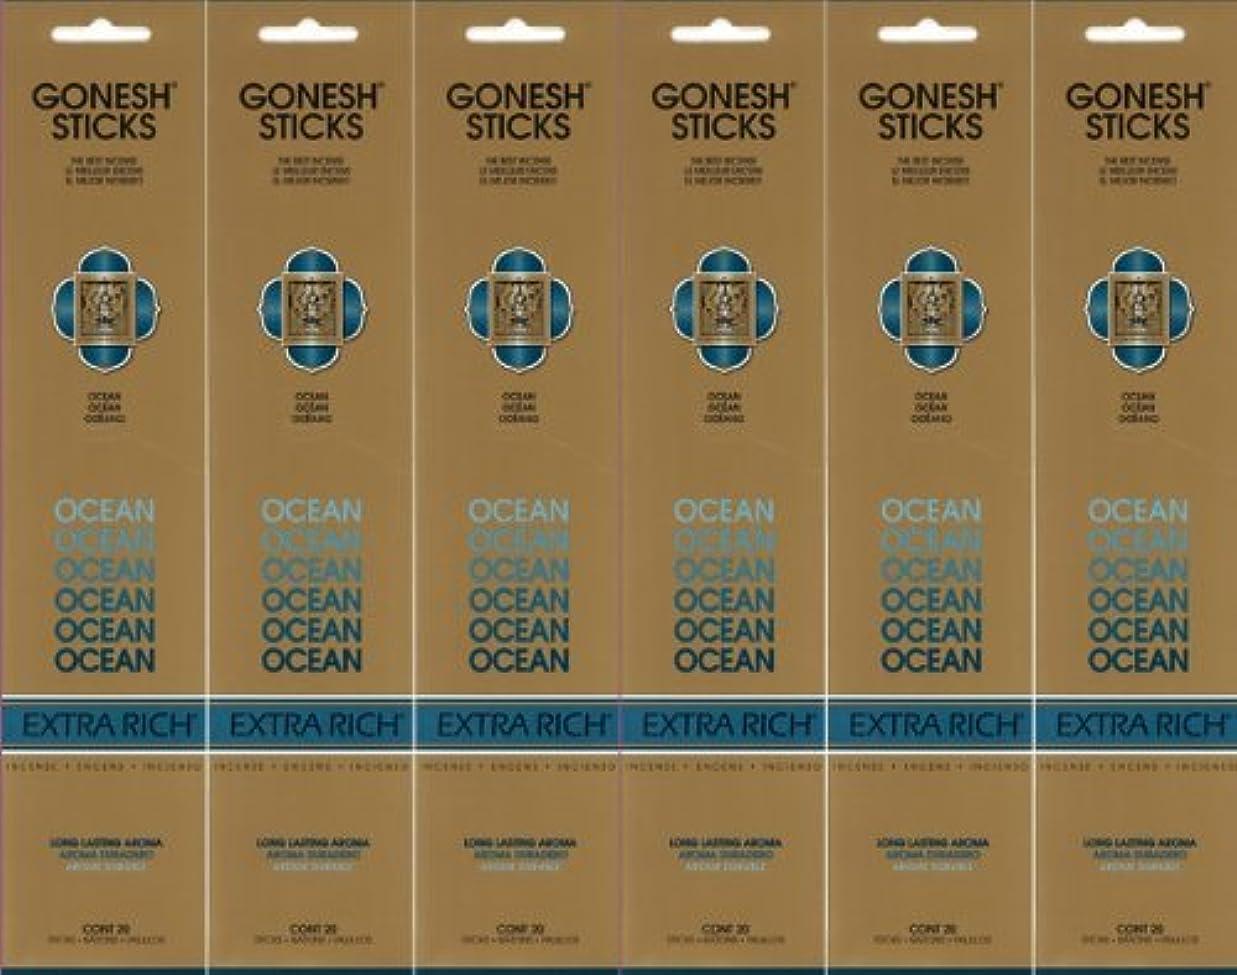 つかの間バウンス視聴者GONESH ガーネッシュ OCEAN オーシャン スティック 20本入り X 6パック (120本)